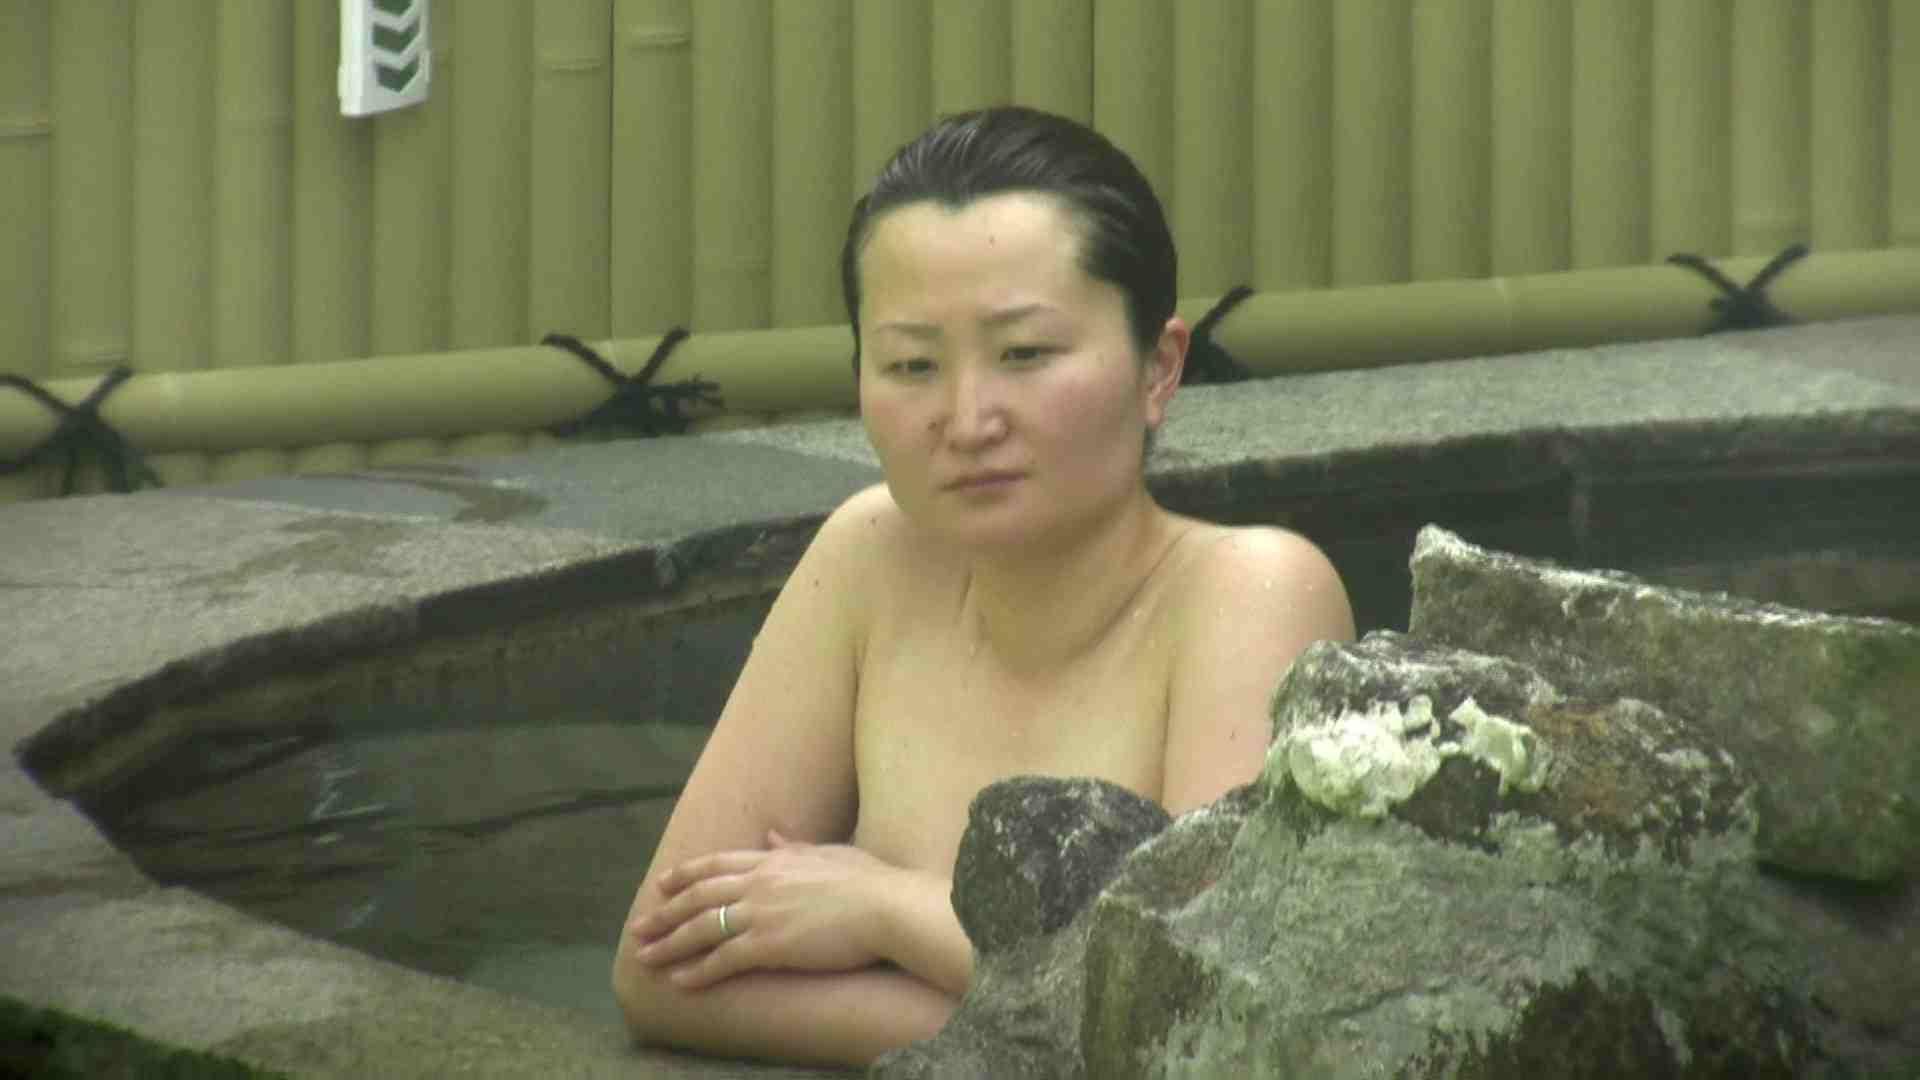 Aquaな露天風呂Vol.632 盗撮  70画像 66